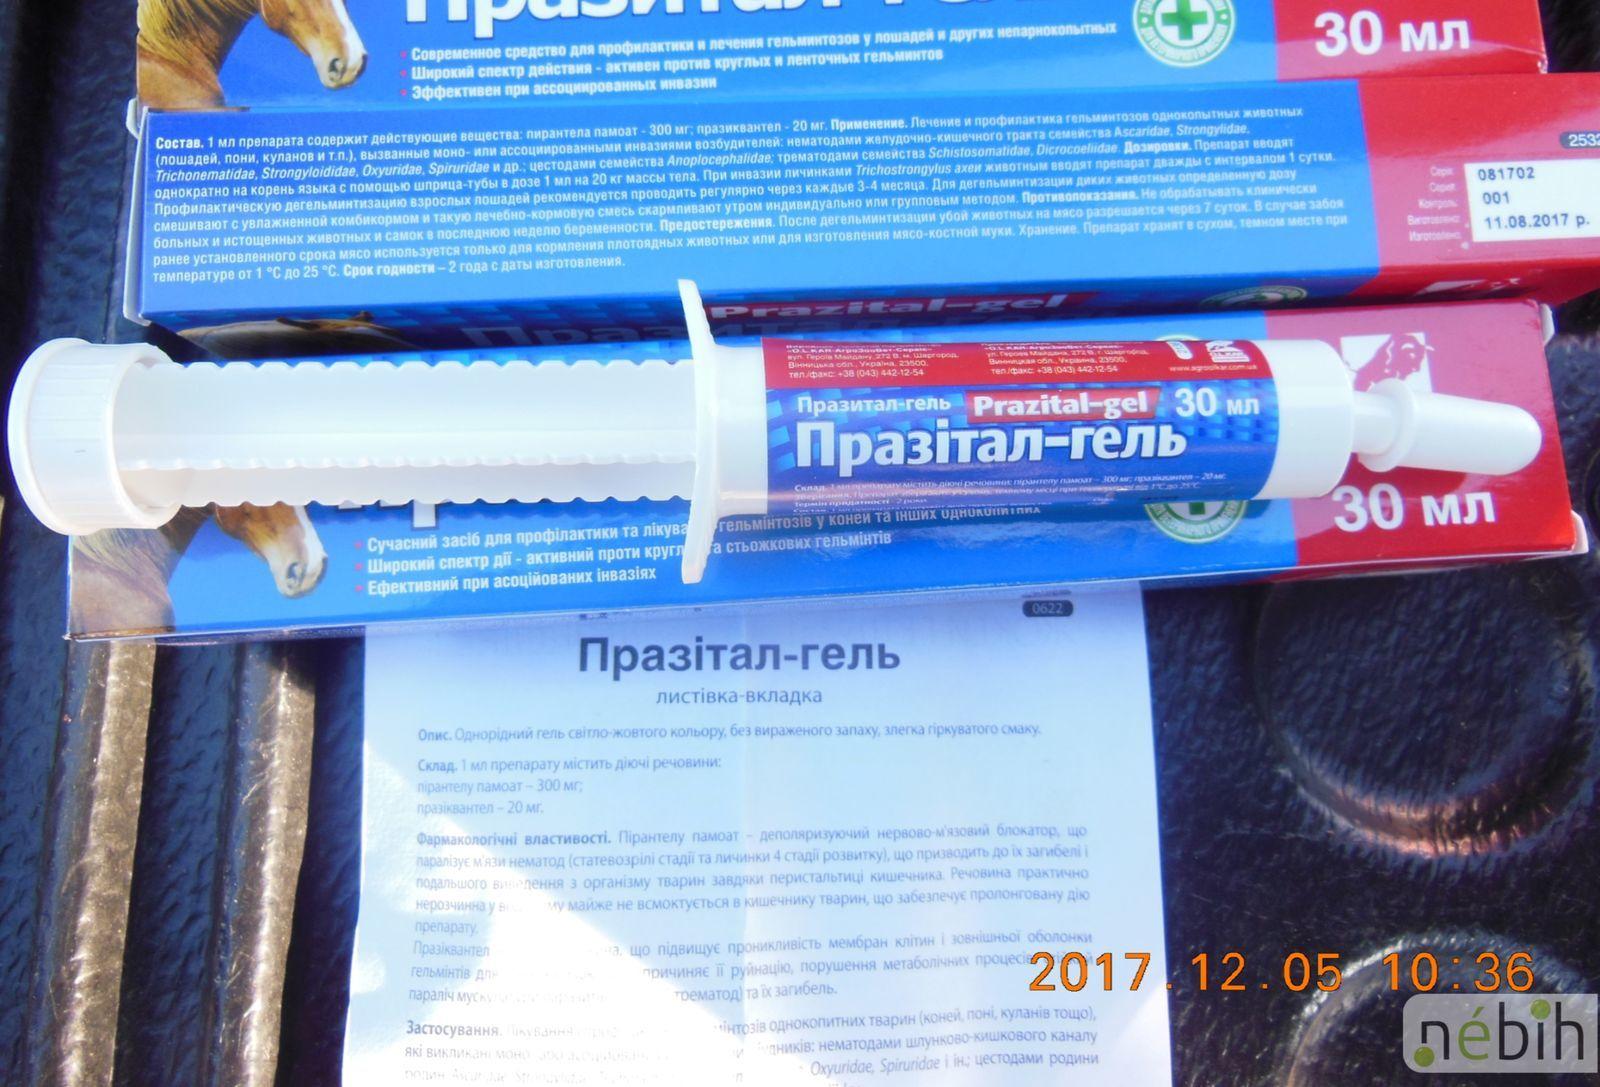 közös állatgyógyászati készítmények glükózamin és kondroitin folyékony formában